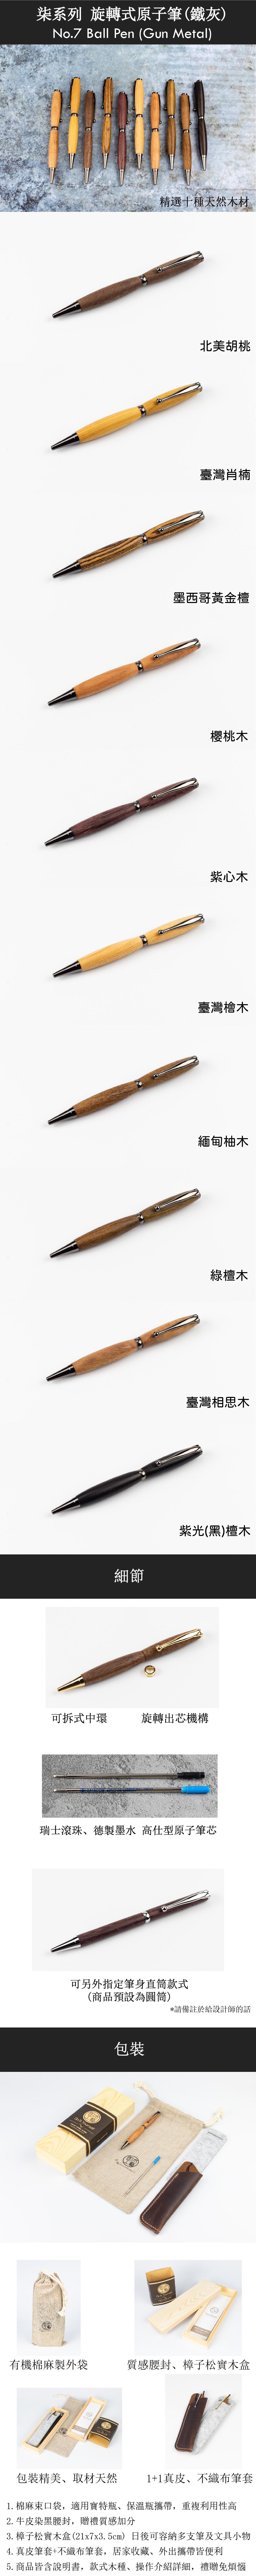 柒系列原子筆(古銅)-01